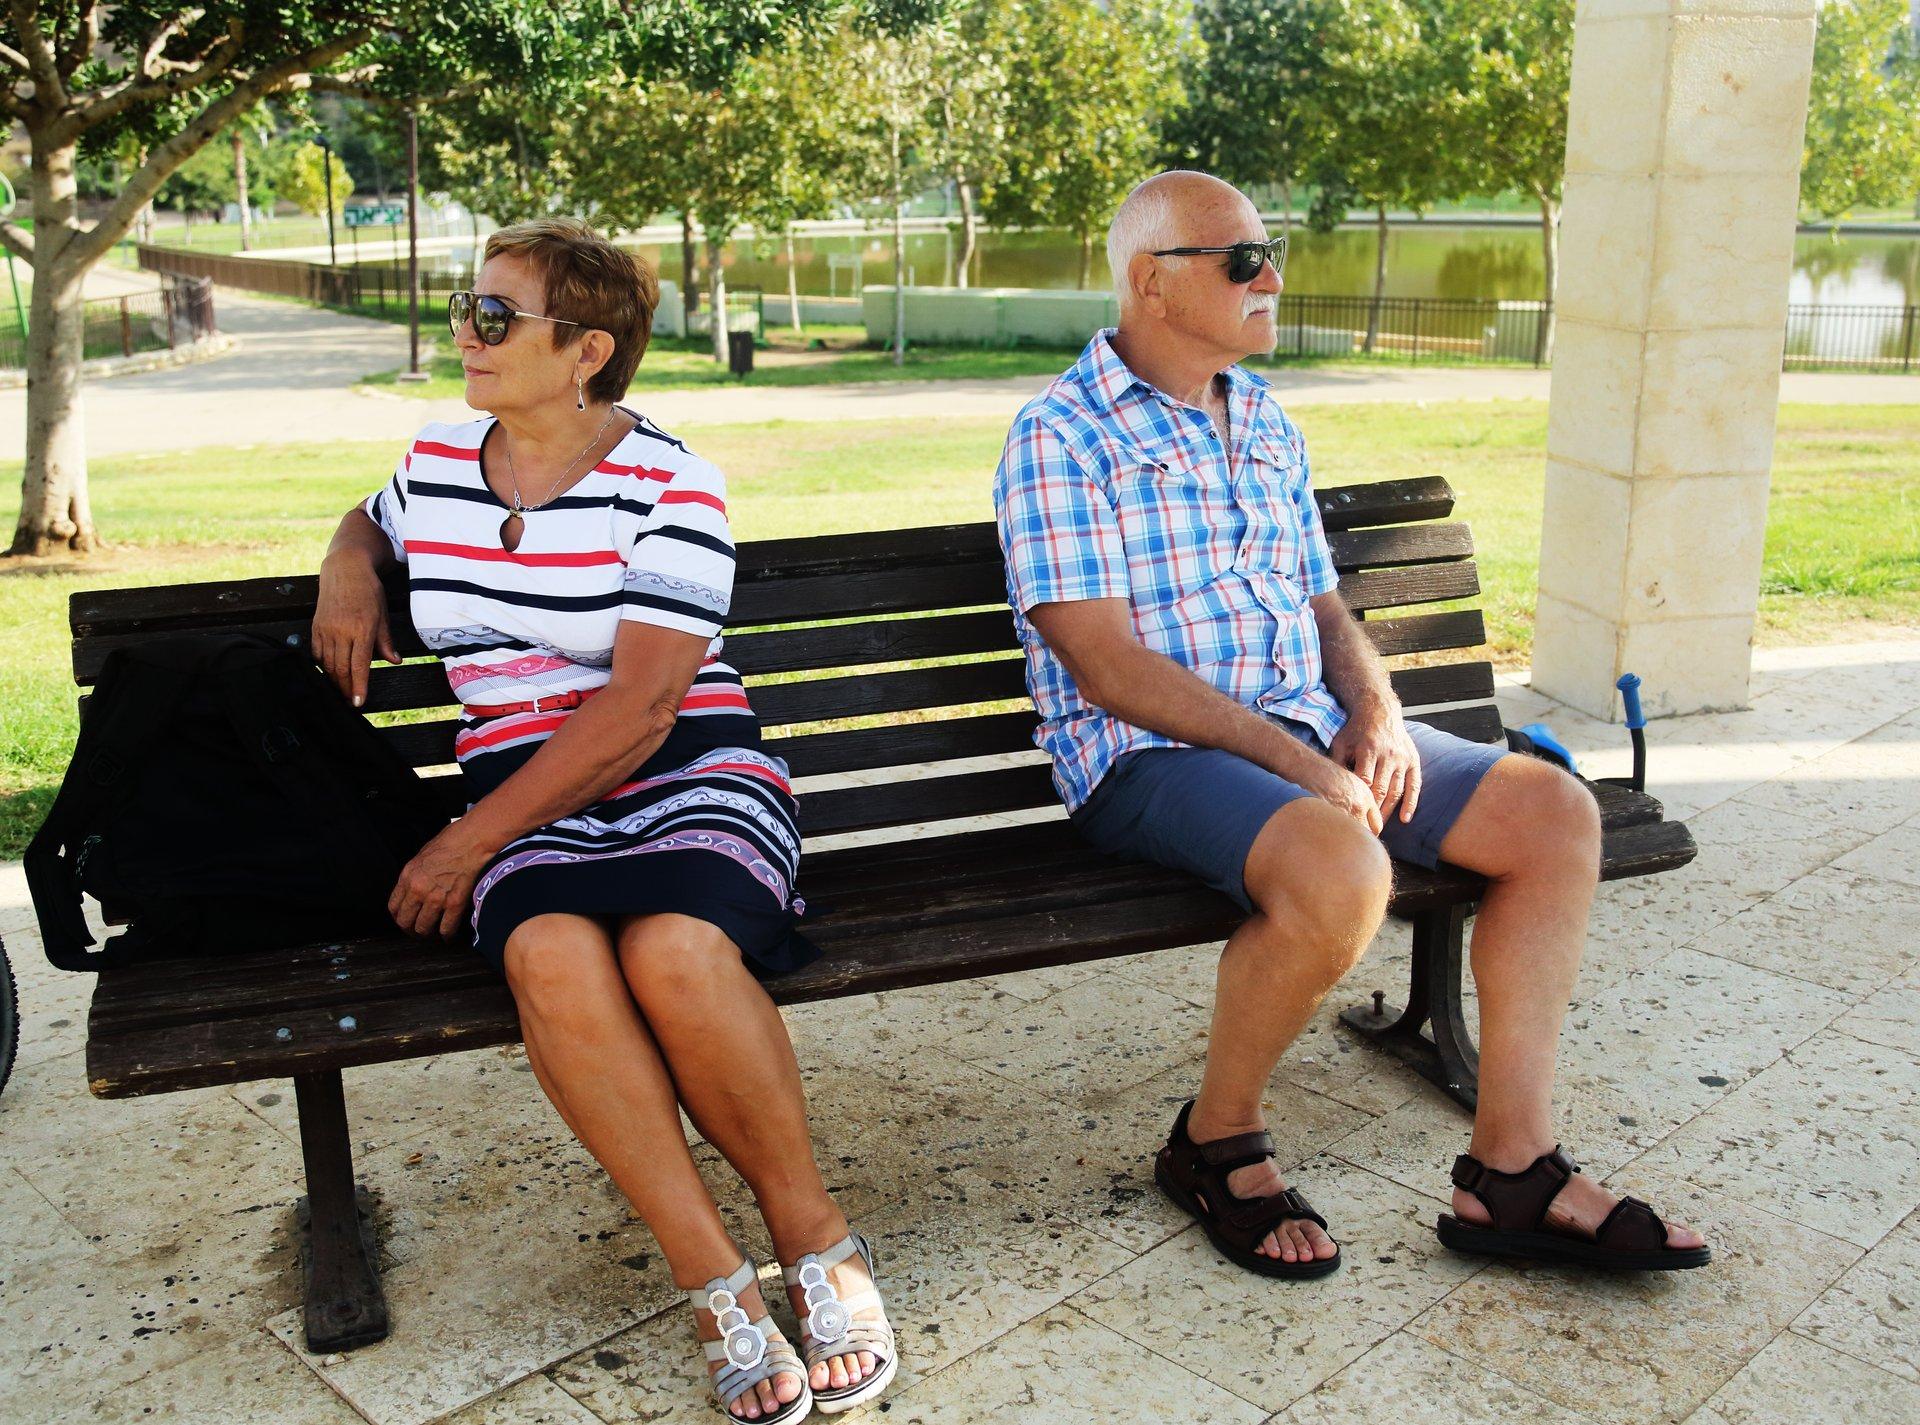 Divorced older couple